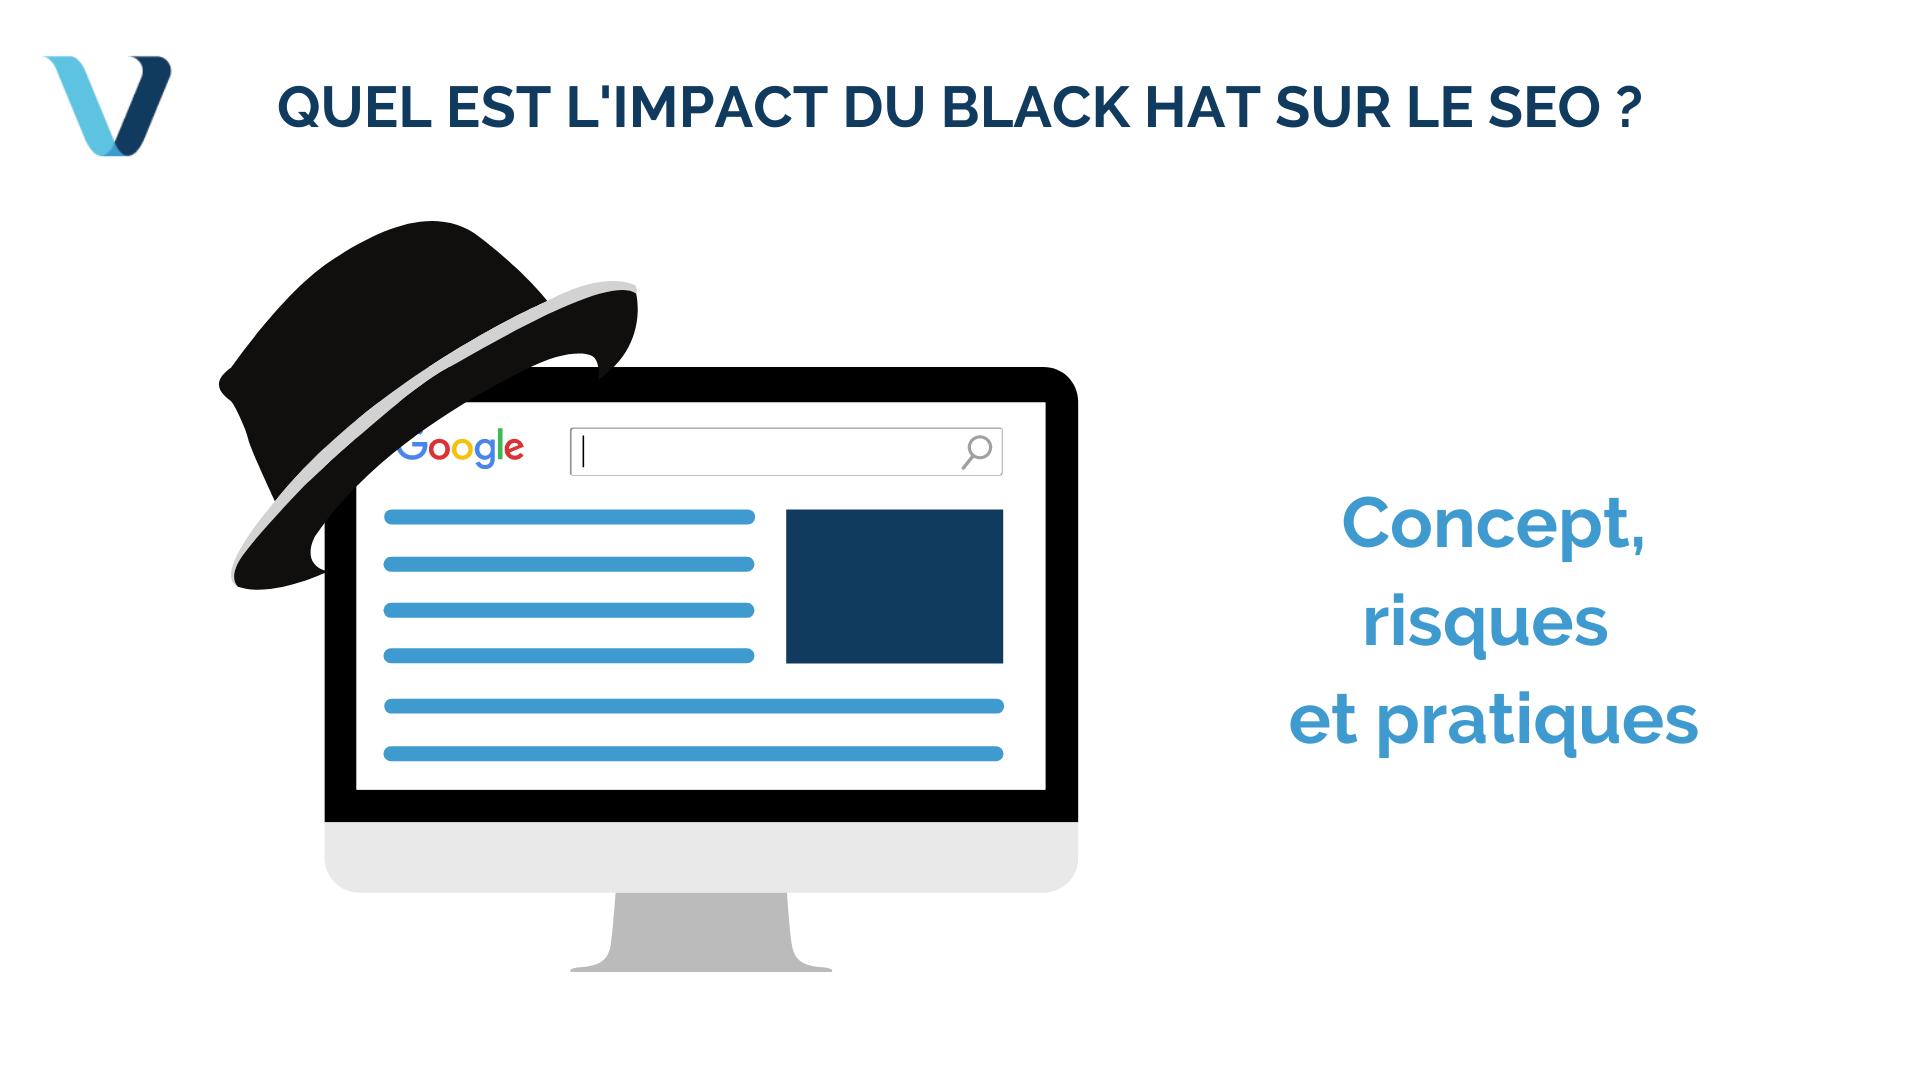 L'impact du Black Hat SEO : Concept, risques et pratiques